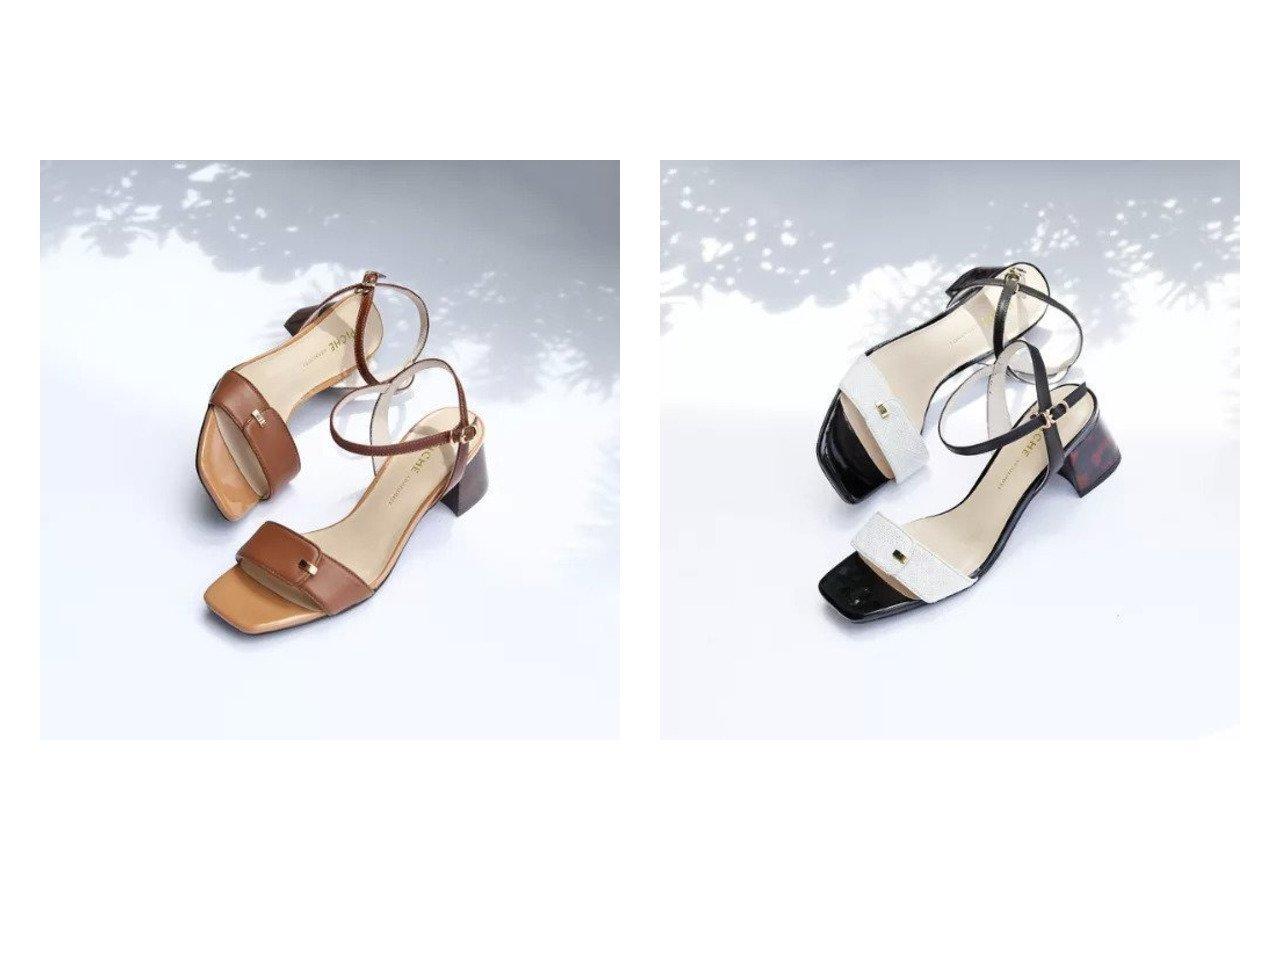 【Piche Abahouse/ピシェ アバハウス】のブロックヒールビットサンダル 【シューズ・靴】おすすめ!人気、トレンド・レディースファッションの通販  おすすめで人気の流行・トレンド、ファッションの通販商品 インテリア・家具・メンズファッション・キッズファッション・レディースファッション・服の通販 founy(ファニー) https://founy.com/ ファッション Fashion レディースファッション WOMEN サンダル シューズ パイピング ベーシック |ID:crp329100000053901